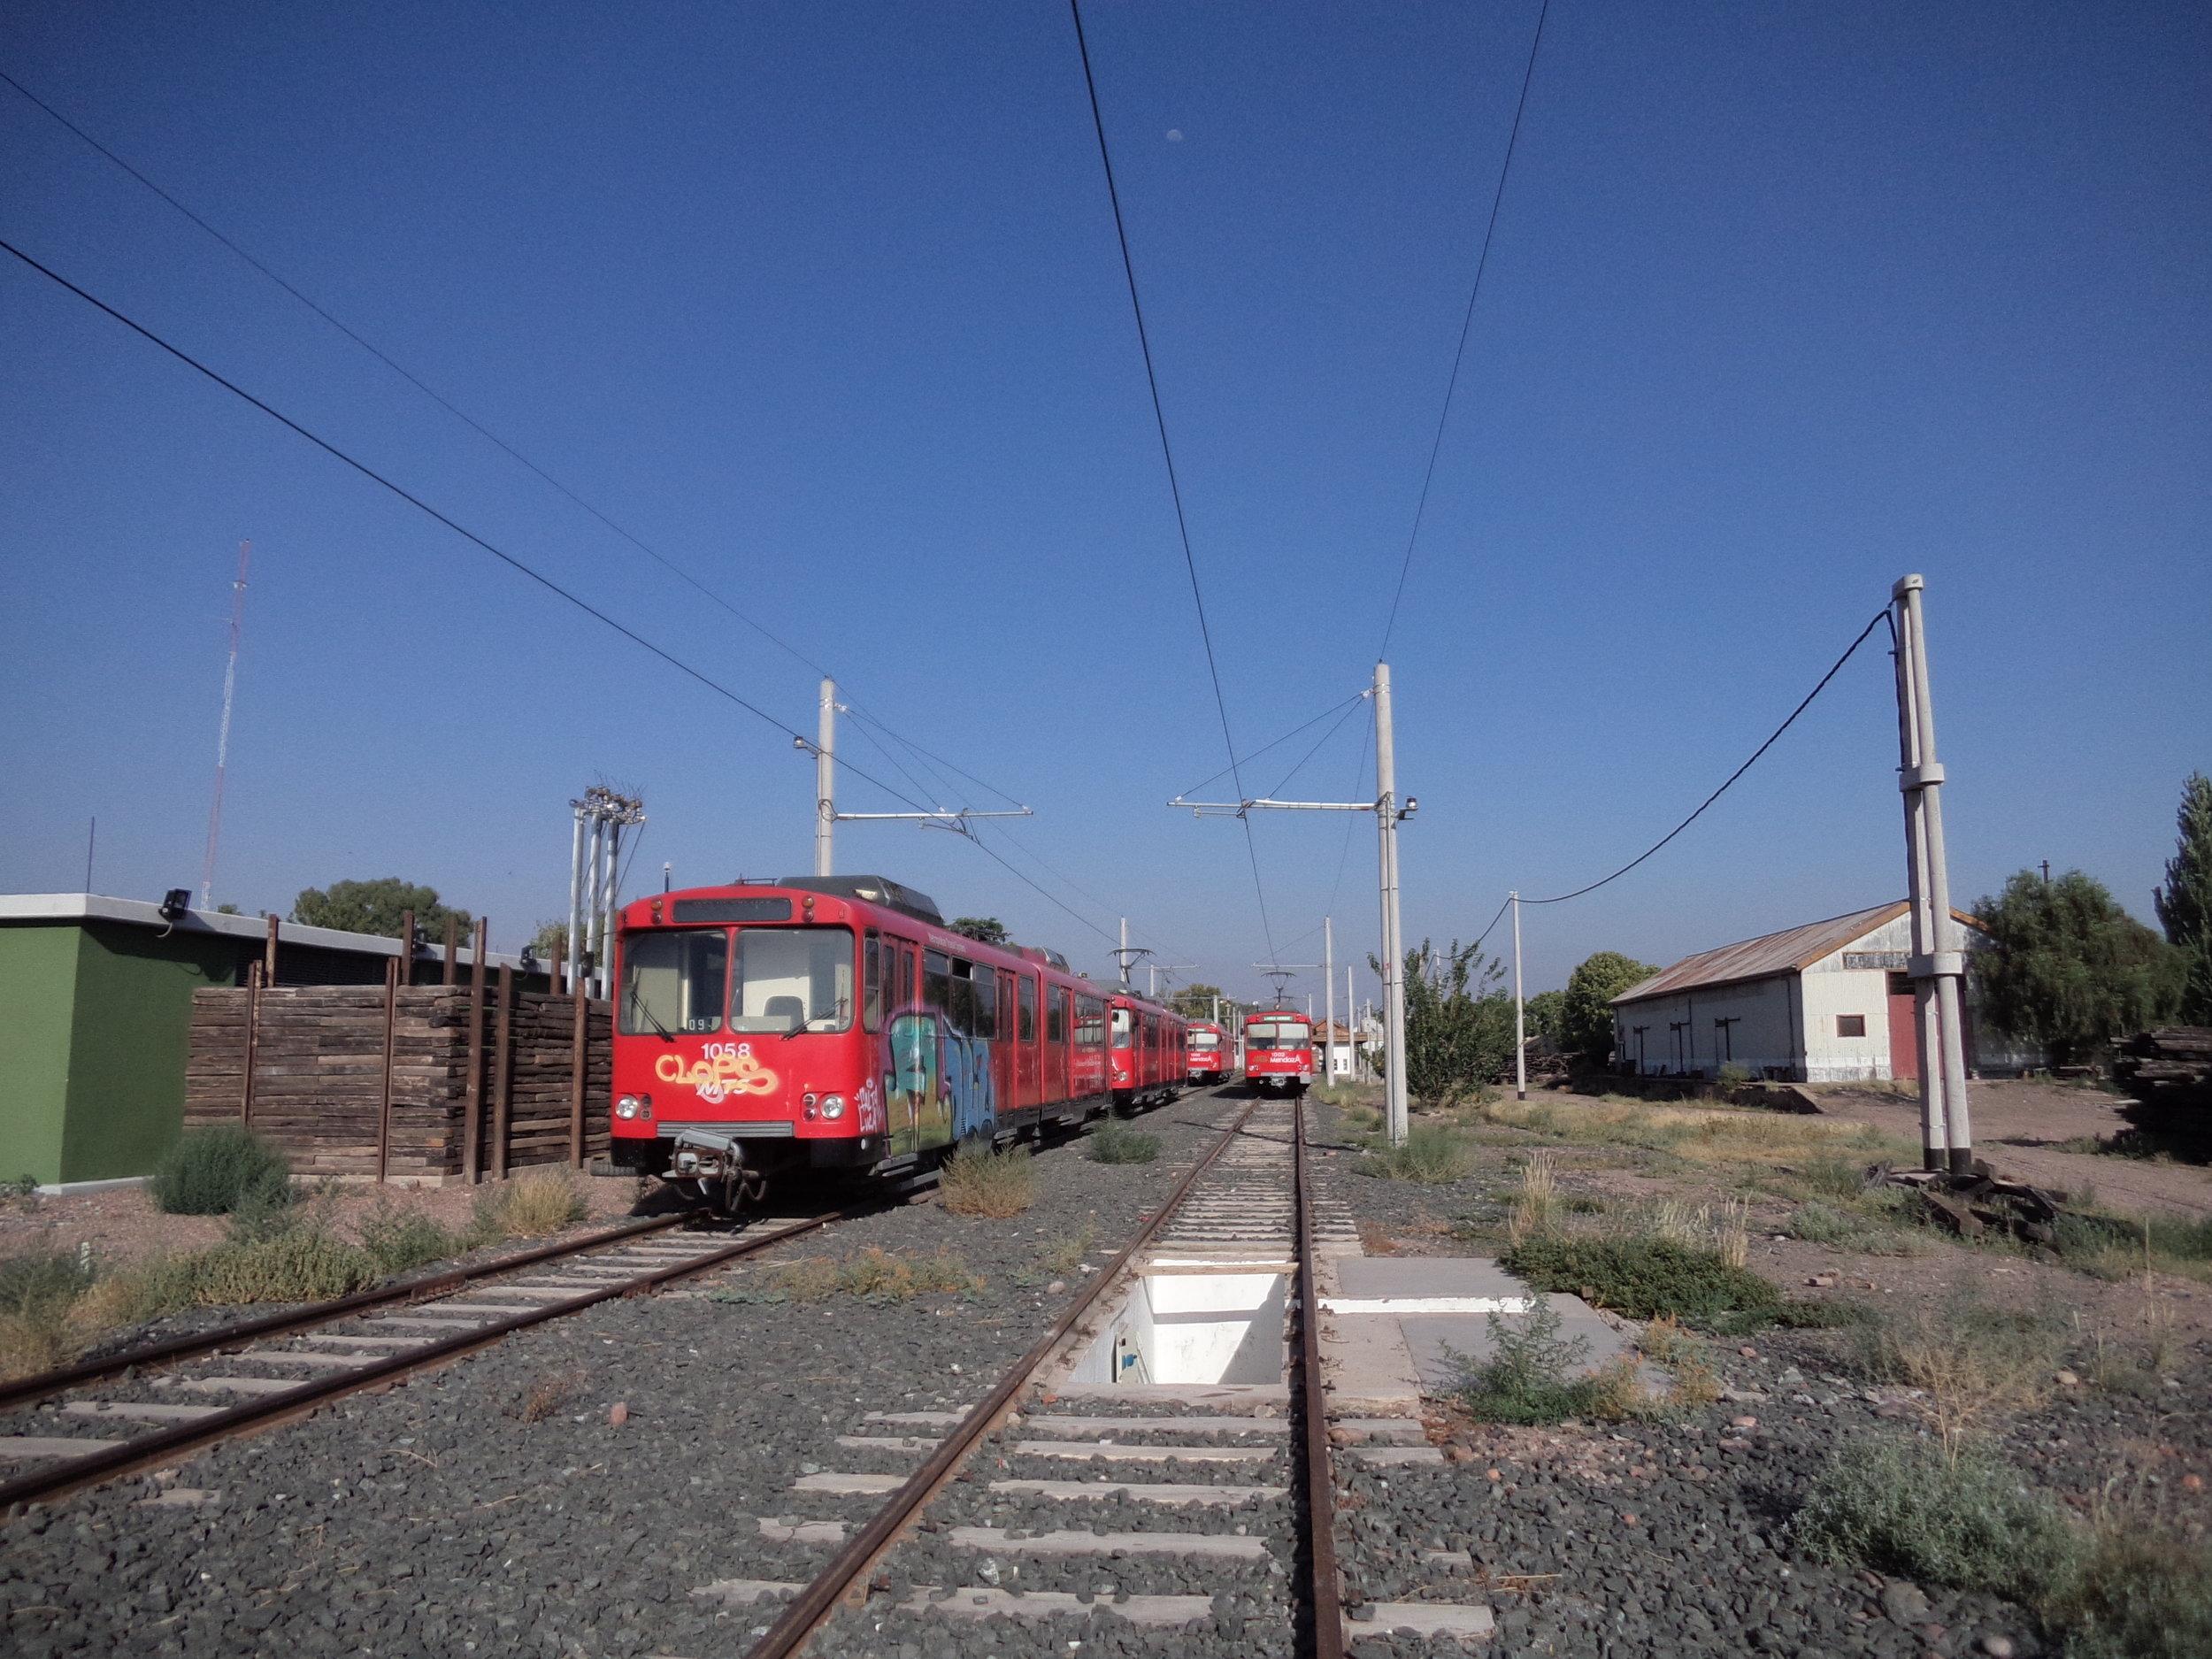 Za konečnou stanicí Gutiérrez jsou soupravy odstavovány a najdeme tam i soupravy, které byly pořízeny výhradně pro účely náhradních dílů. Údržbářská základna systému je jinde, a sice u stanice Luzuriaga (necelé tři km na severozápad, blíže k Mendoze).